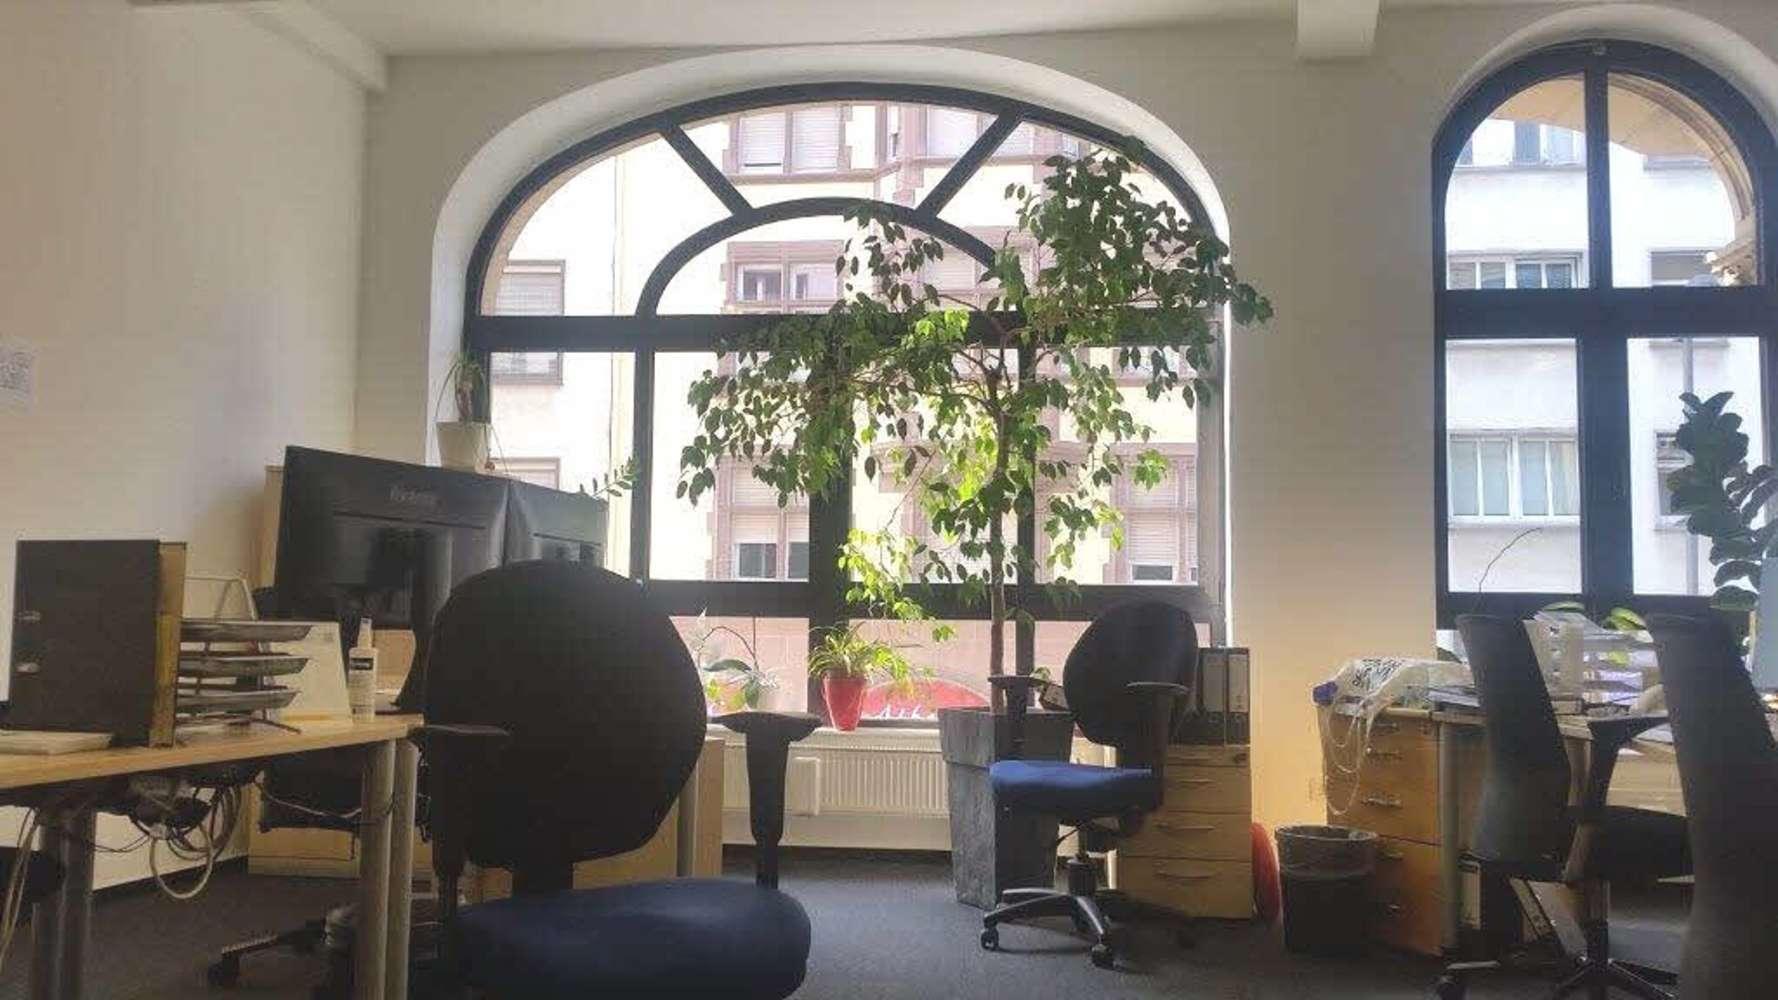 Büros Frankfurt am main, 60313 - Büro - Frankfurt am Main, Innenstadt - F1705 - 10443079